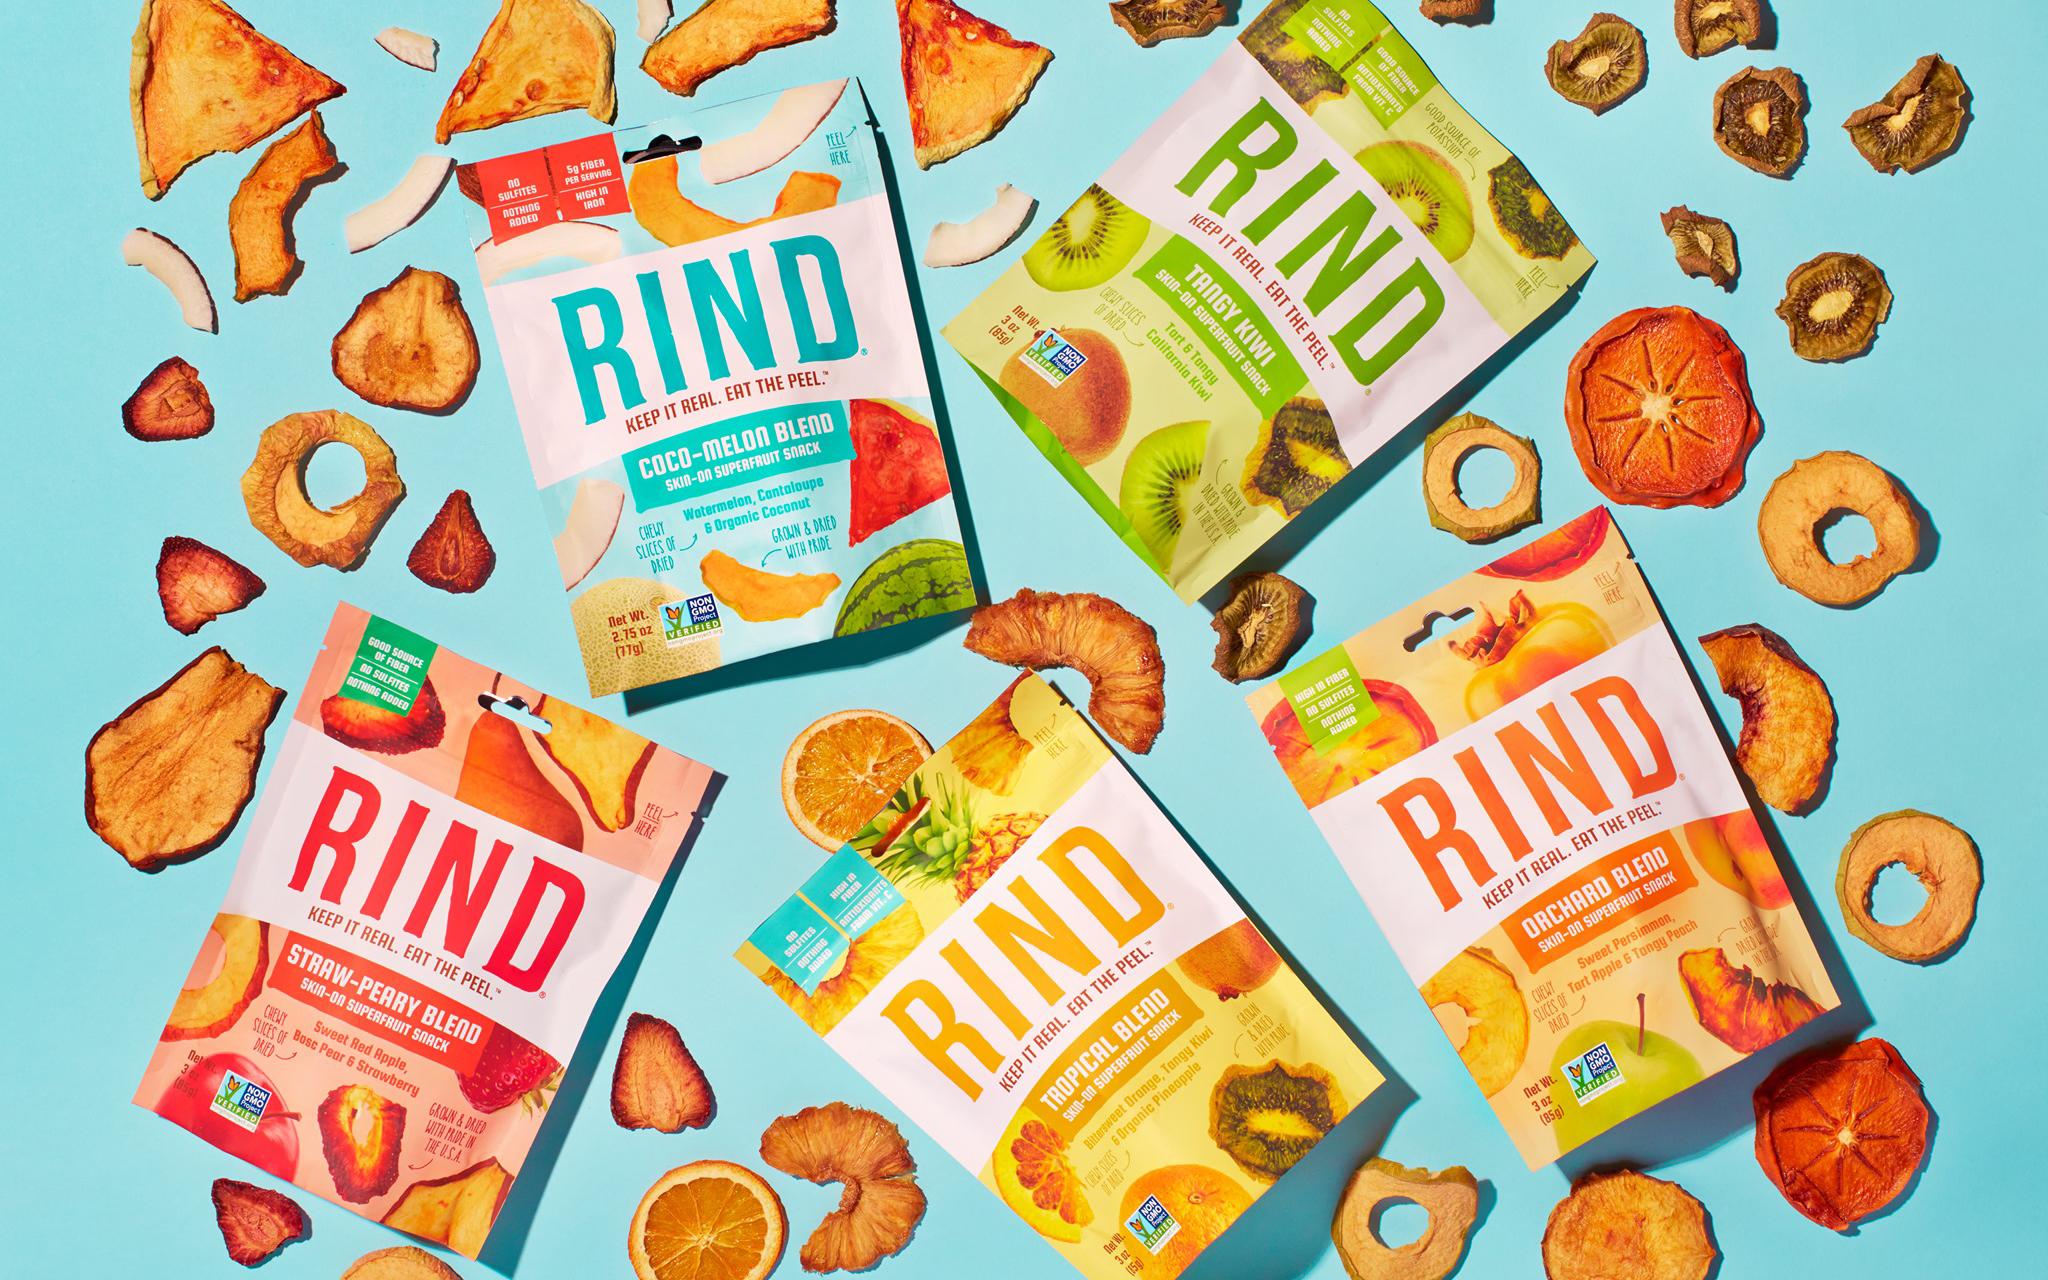 果干零食品牌 RIND 获 610 万美元 A 轮融资